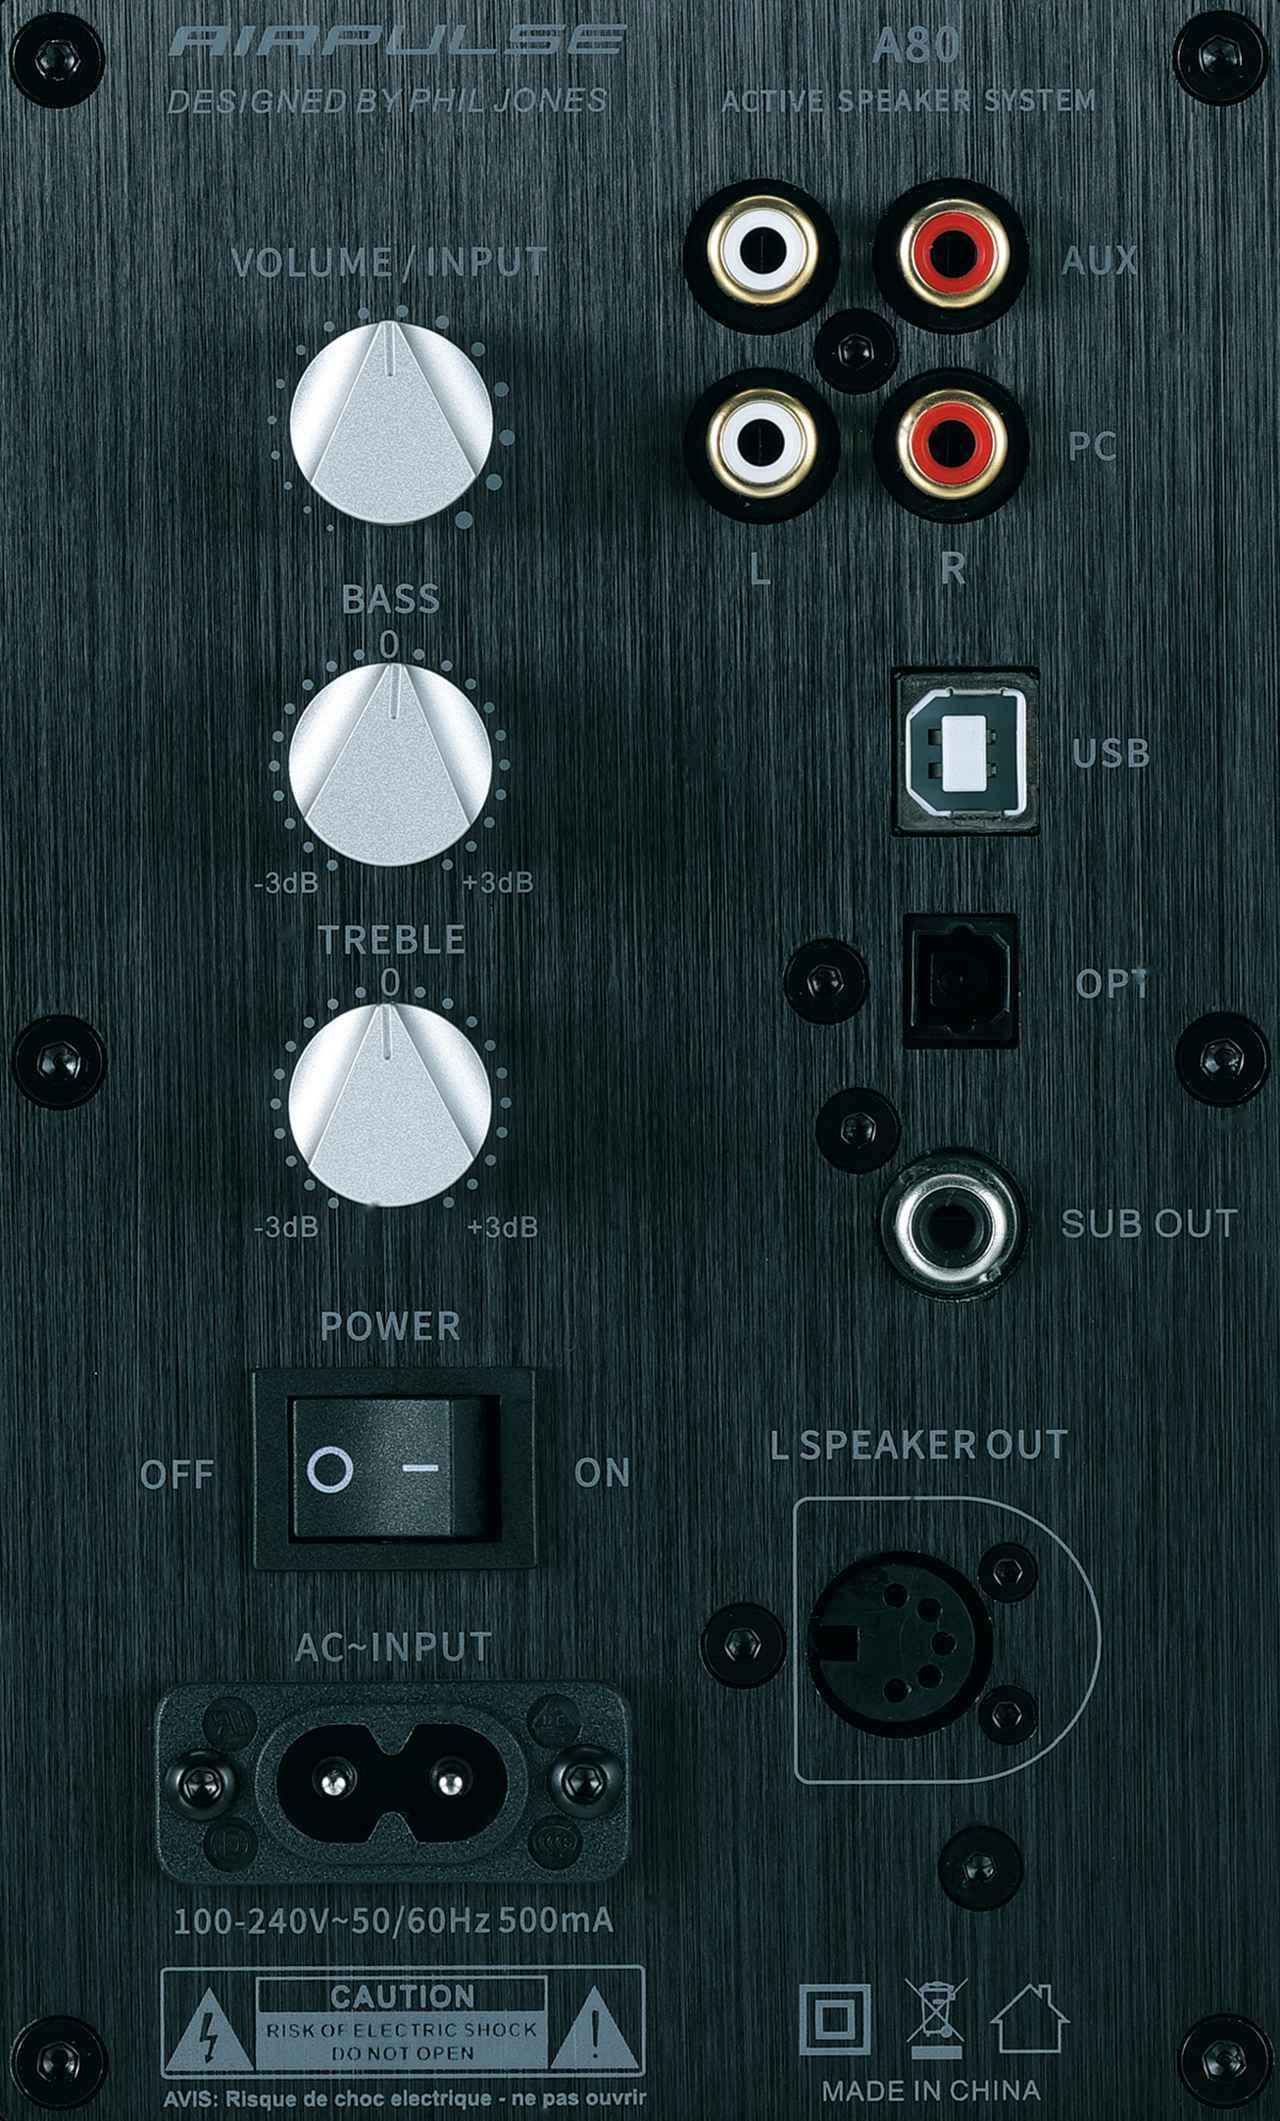 画像3: いま人気のアンプ内蔵スピーカーでテレビの音を大きくグレードアップ AIRPULSE「A80」<ネット動画 音質強化テクニック:アンプ内蔵スピーカー活用>